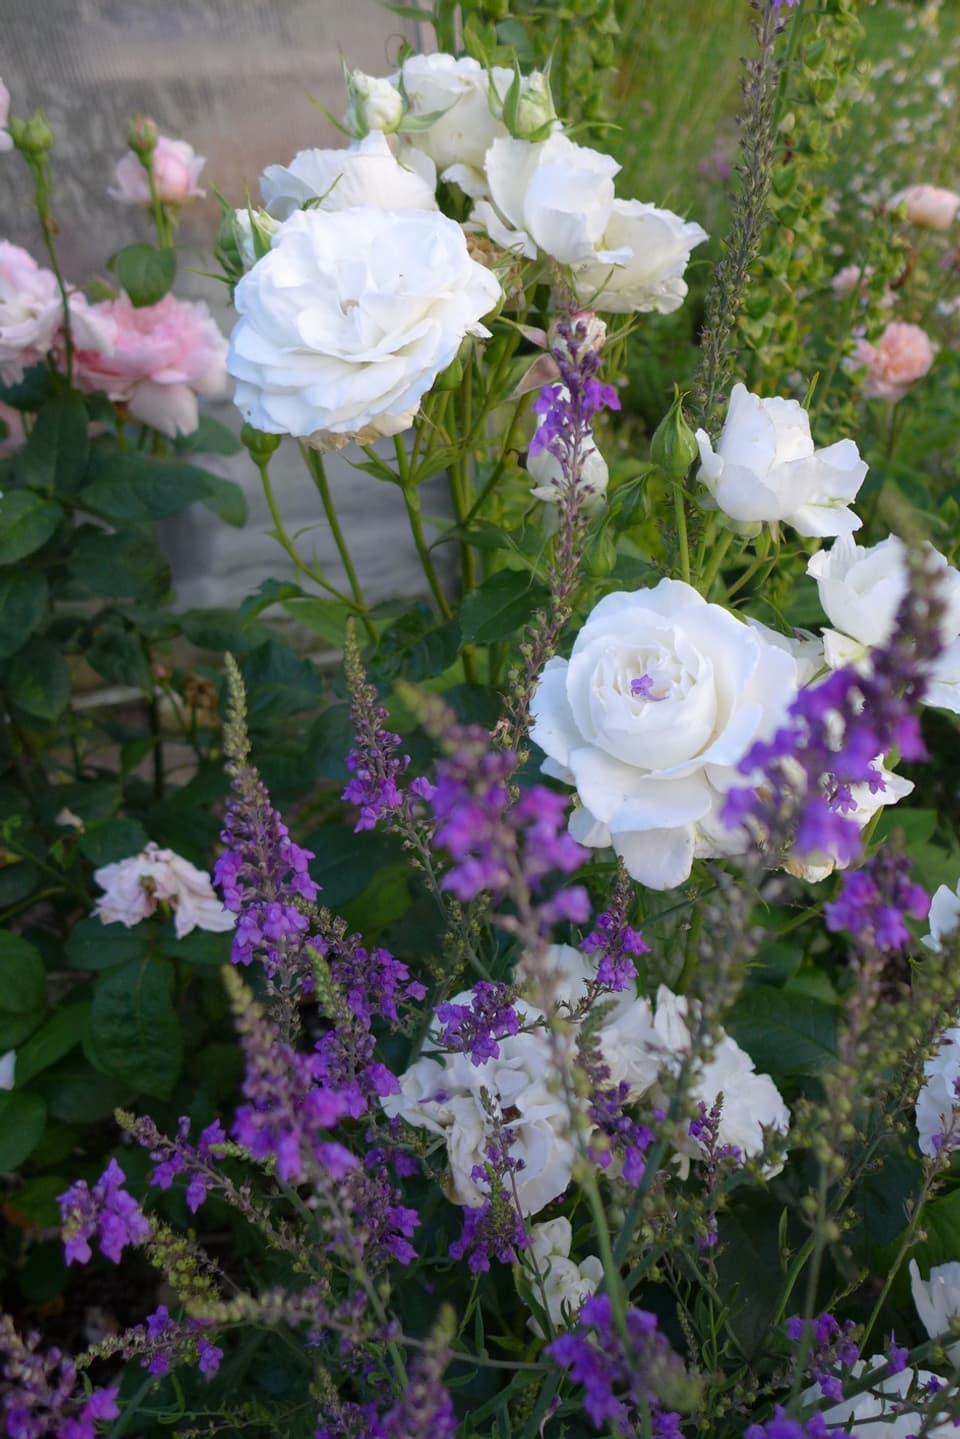 Weisse Rosen violette Gräser.